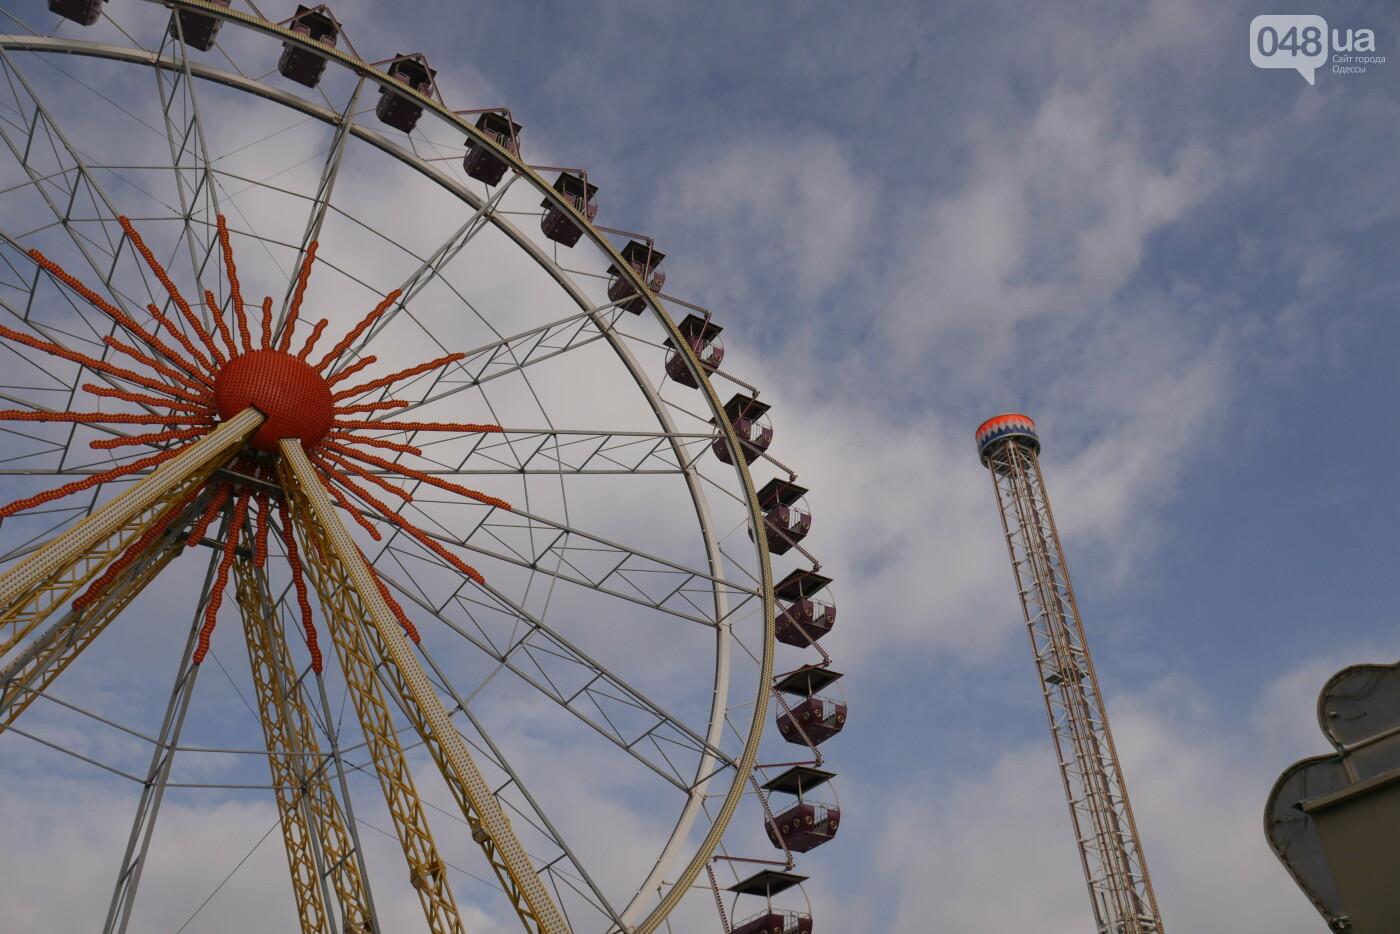 Фотопятница в Одессе: зимнее веселье в парке Шевченко, - ФОТОРЕПОРТАЖ, фото-1